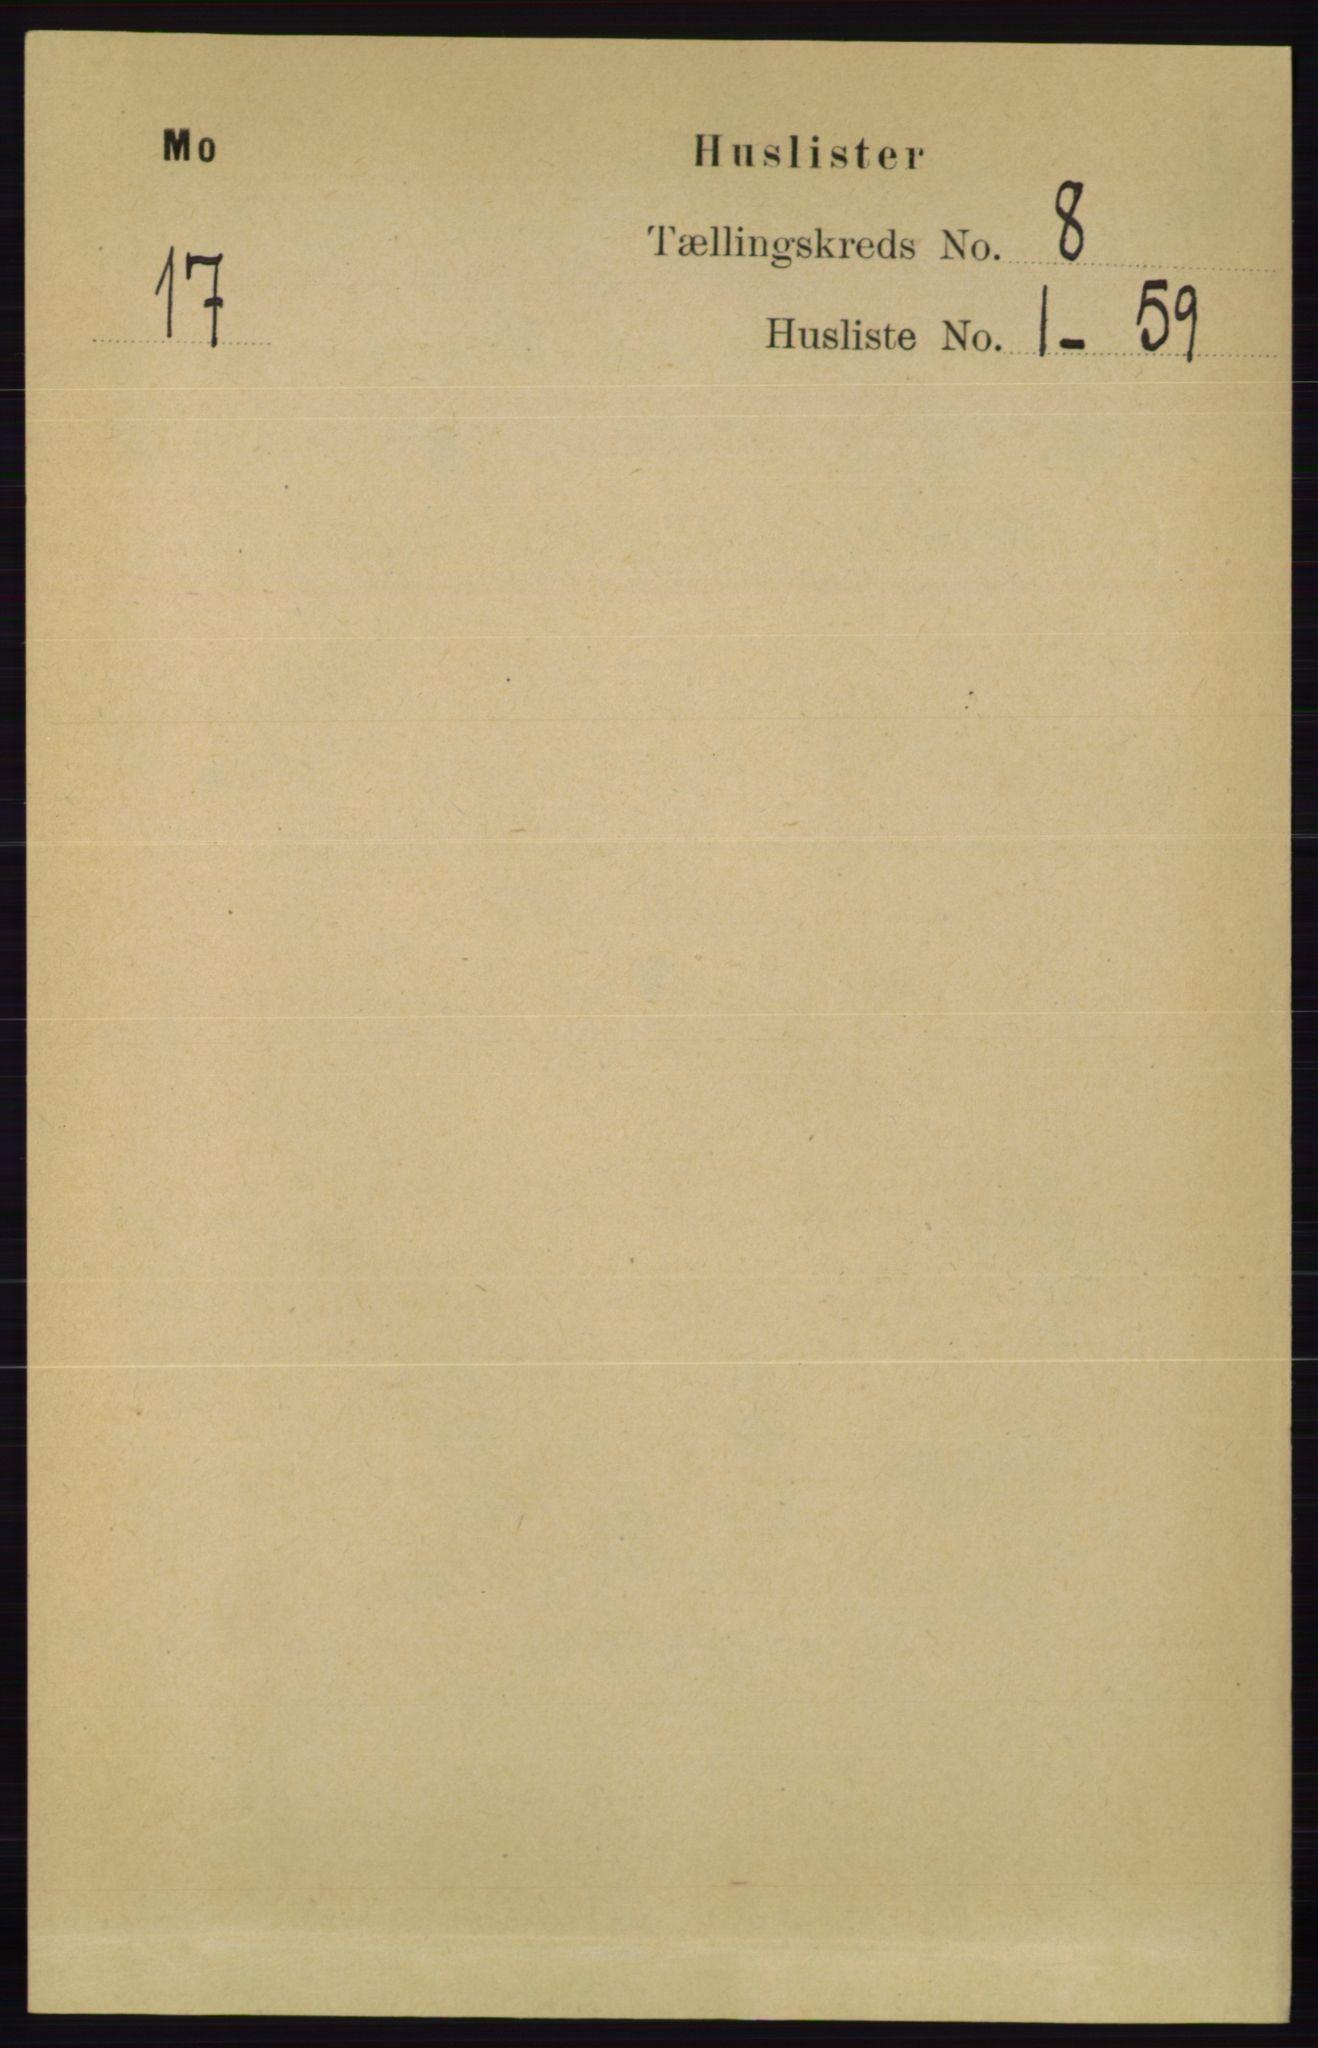 RA, Folketelling 1891 for 0832 Mo herred, 1891, s. 1991